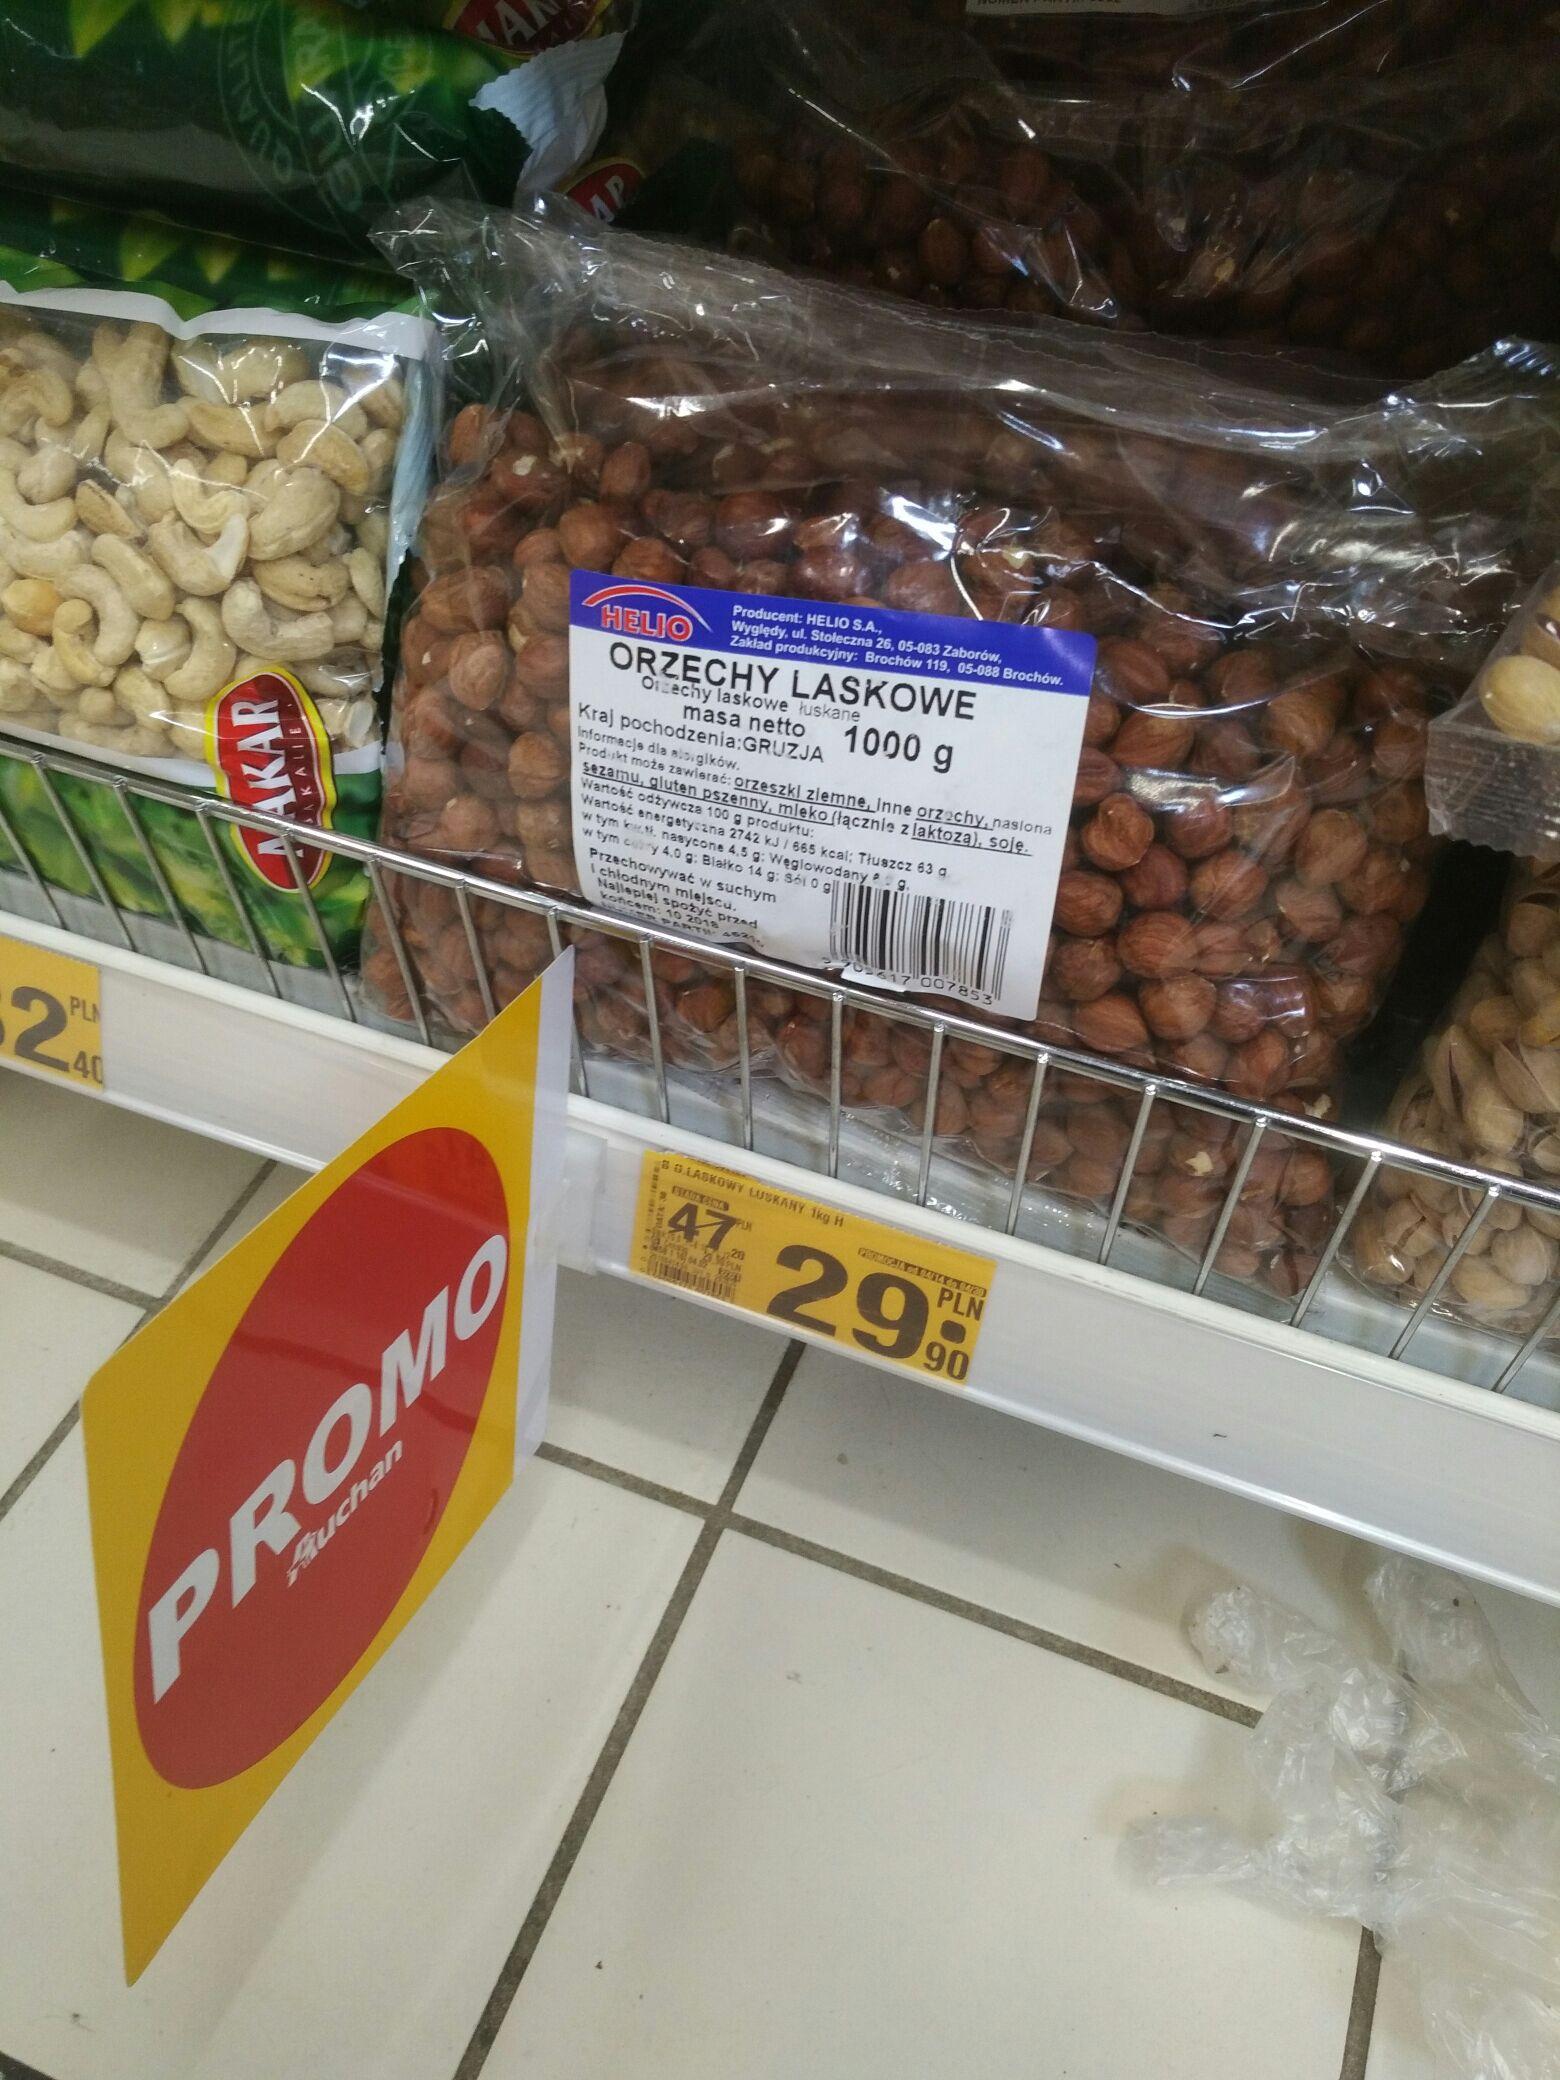 Orzechy laskowe 1 kg za 29, 9zł Auchan Zabrze